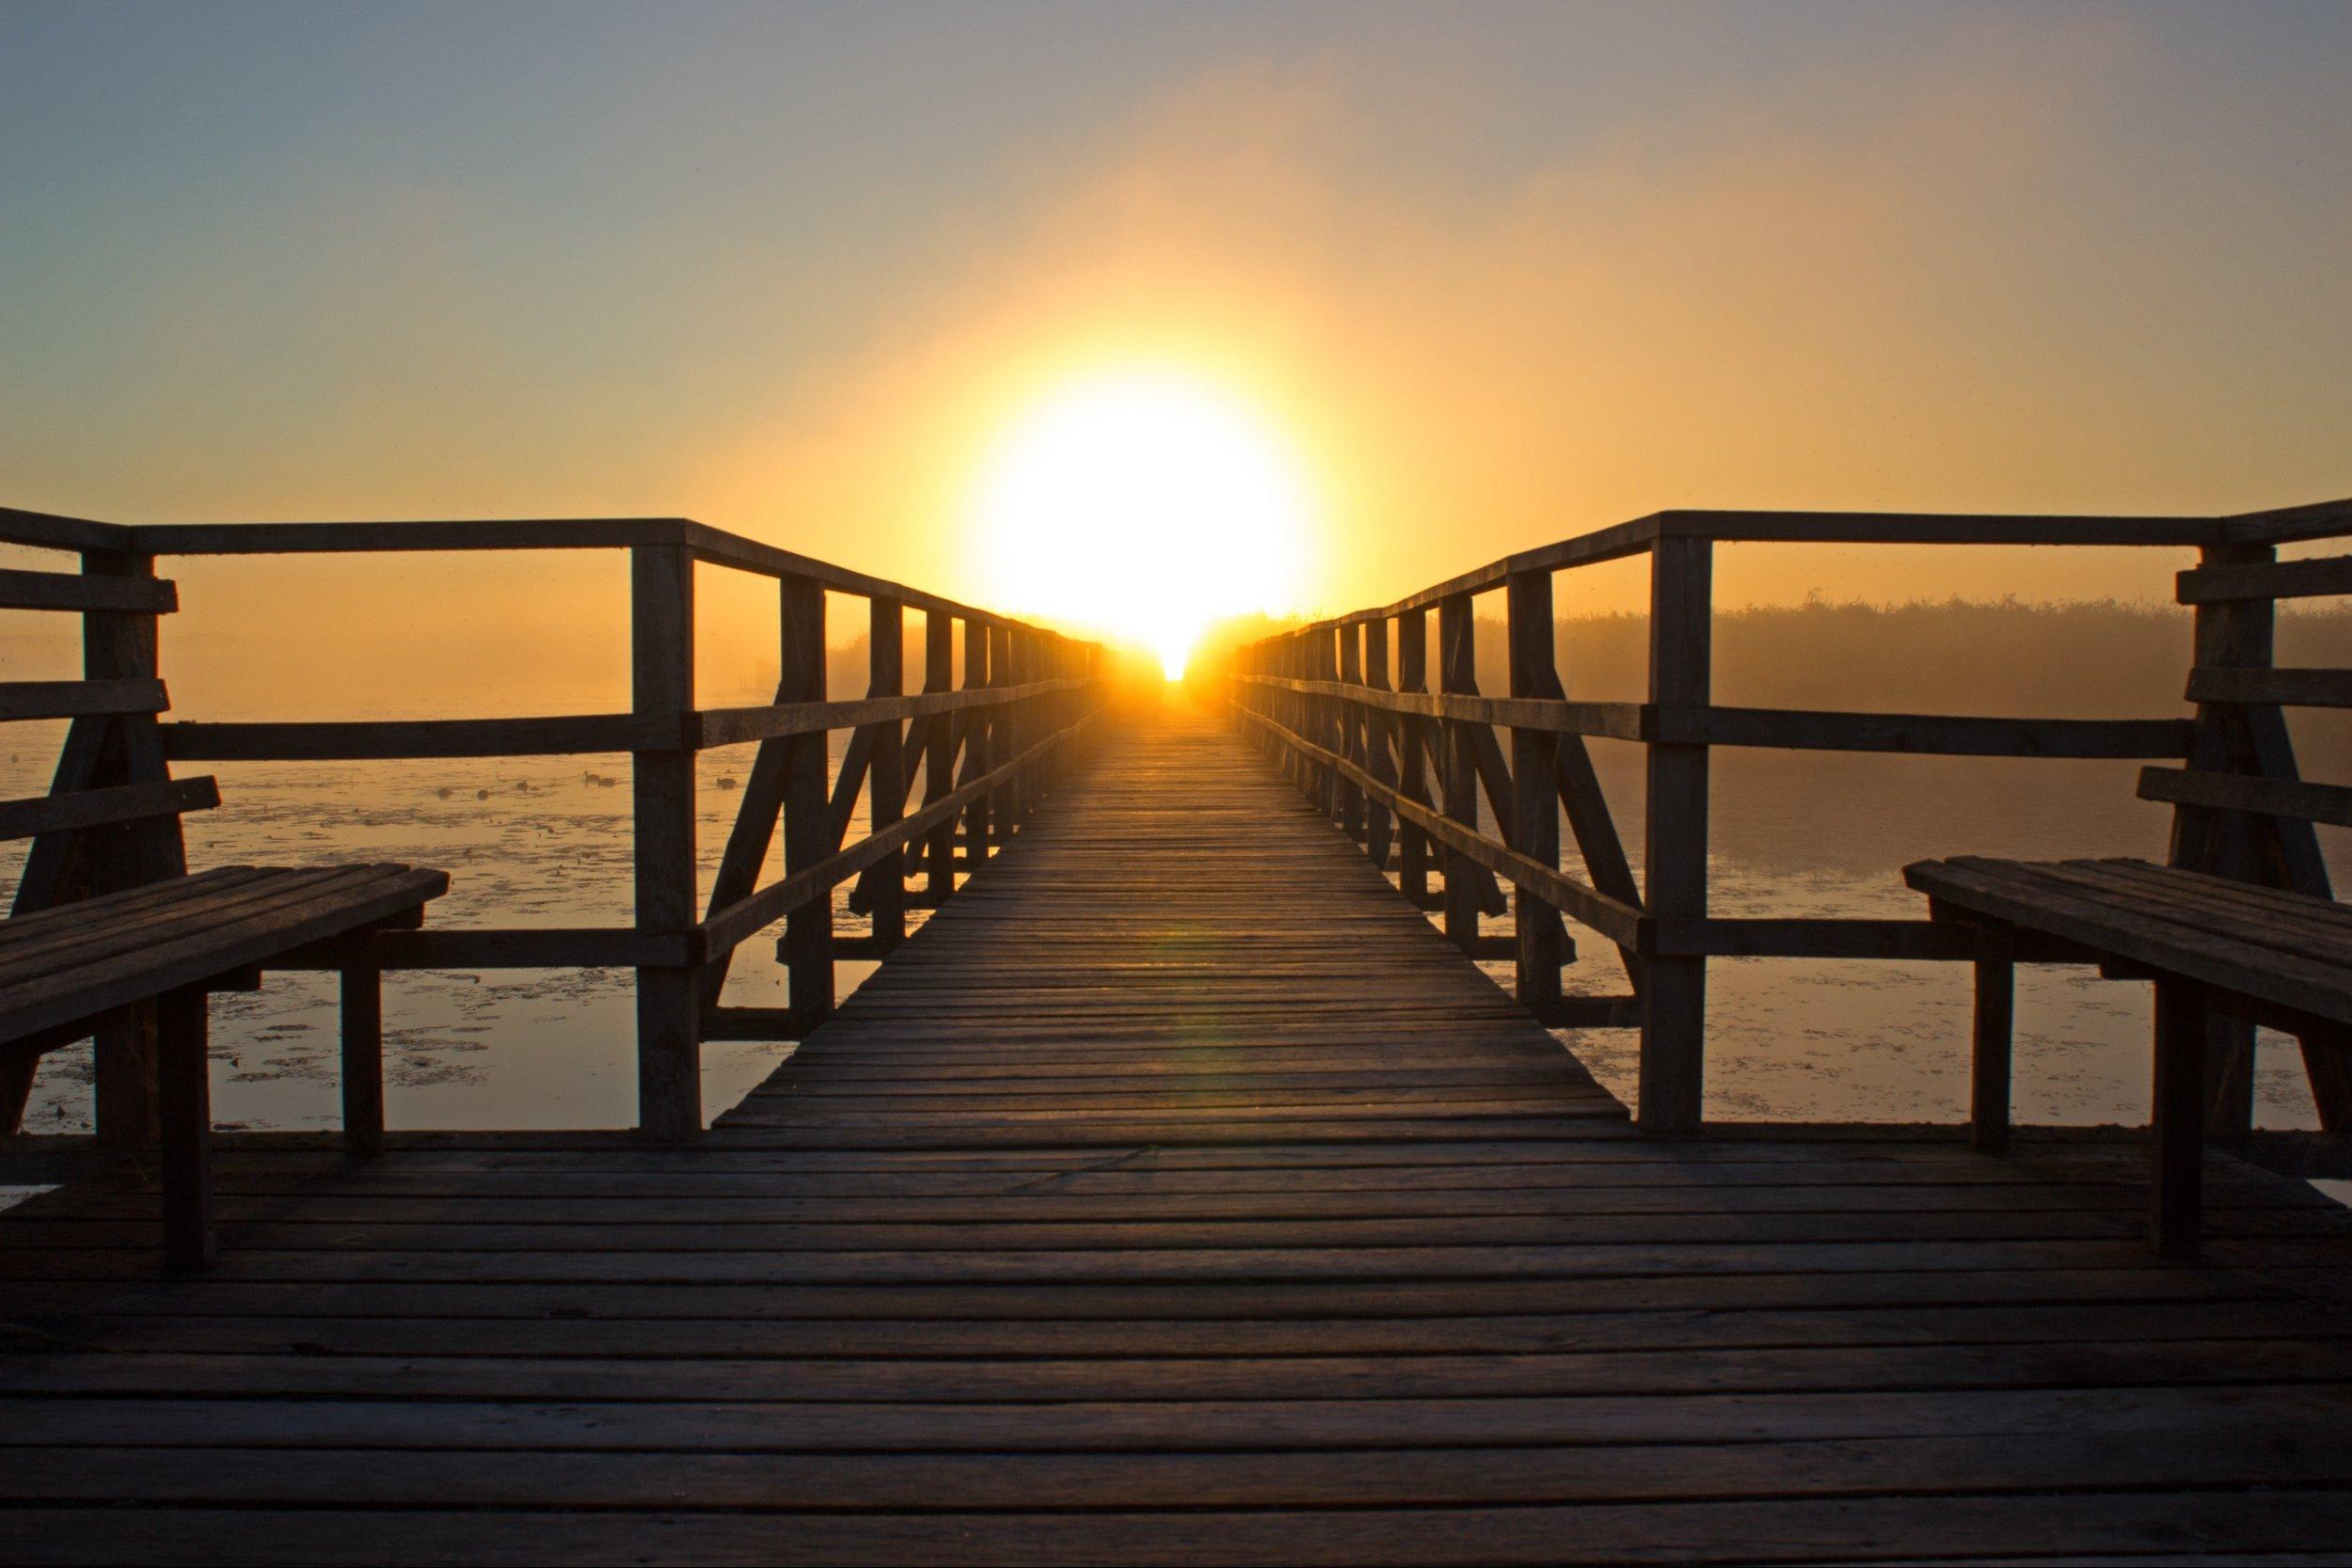 beach-bench-boardwalk-276259.jpg